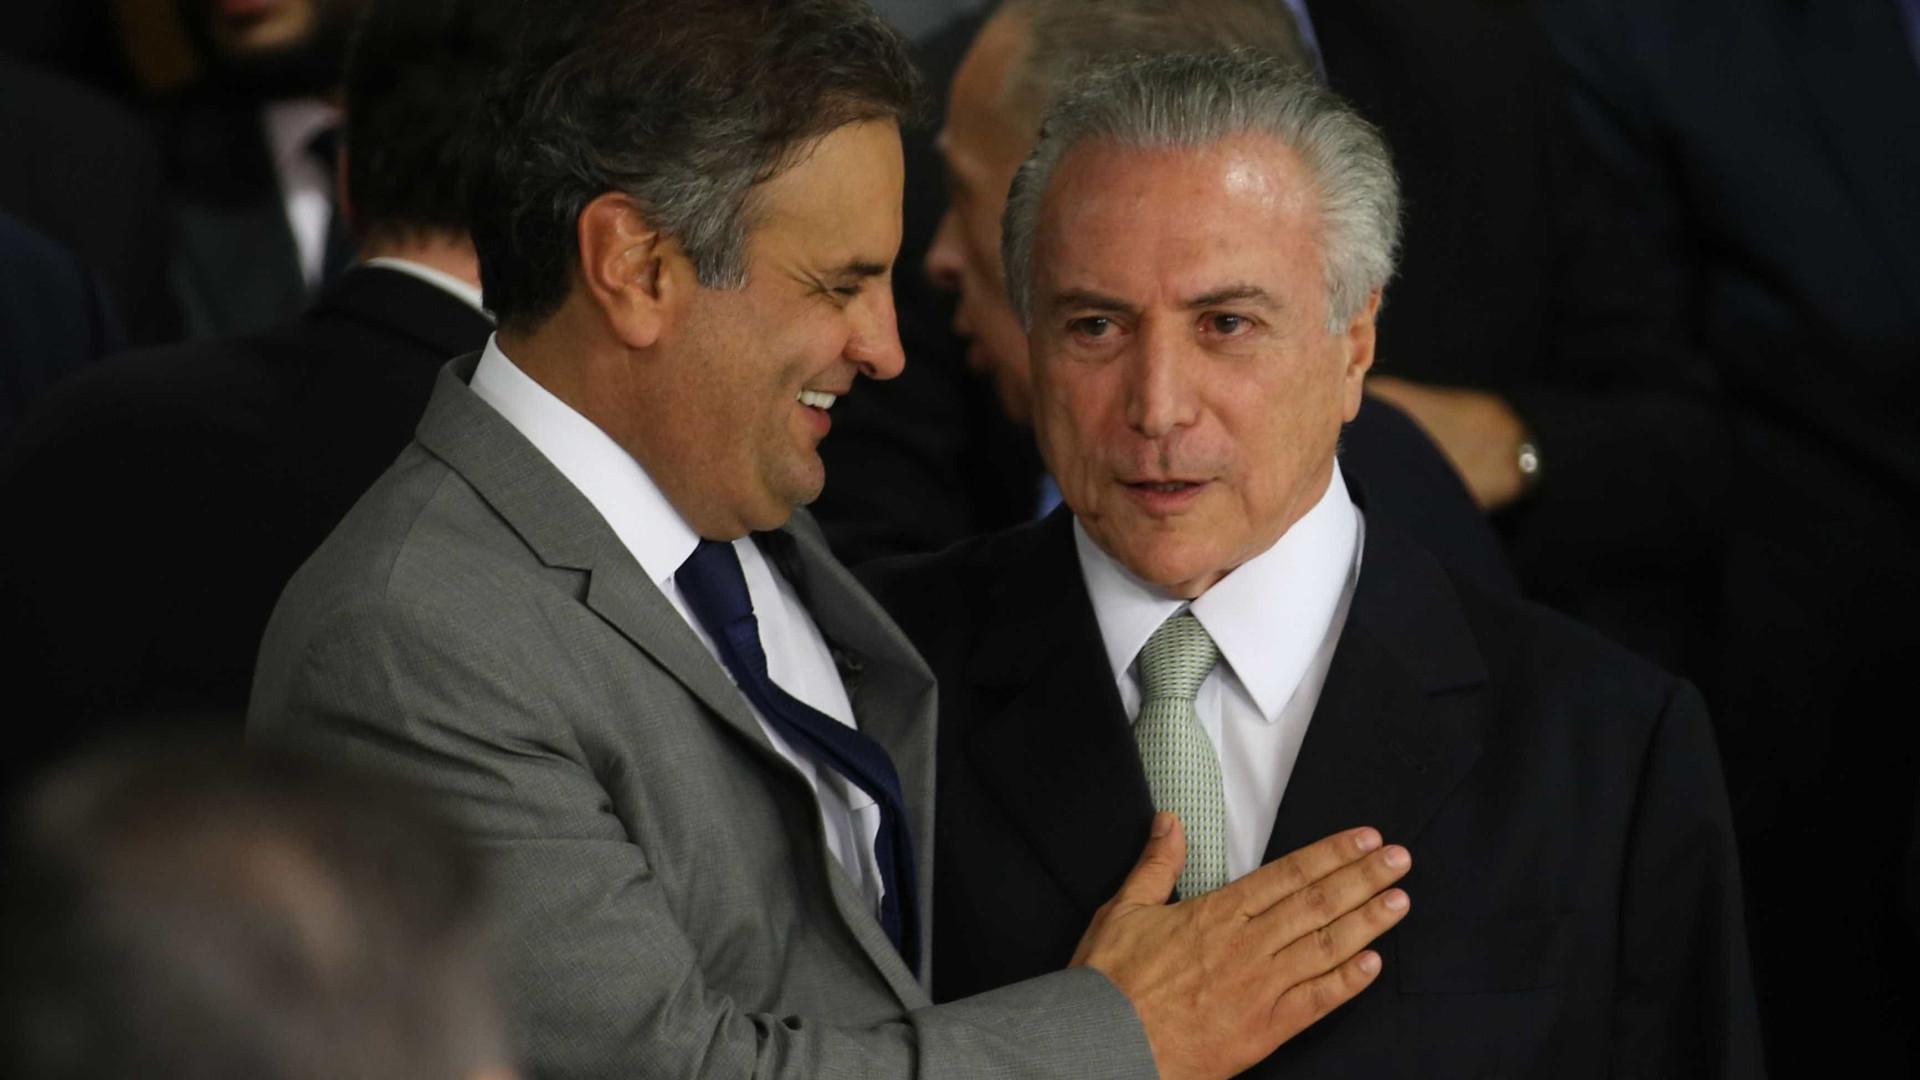 Únicos votos pró-Temer no PSDB foram de aliados de Aécio Neves